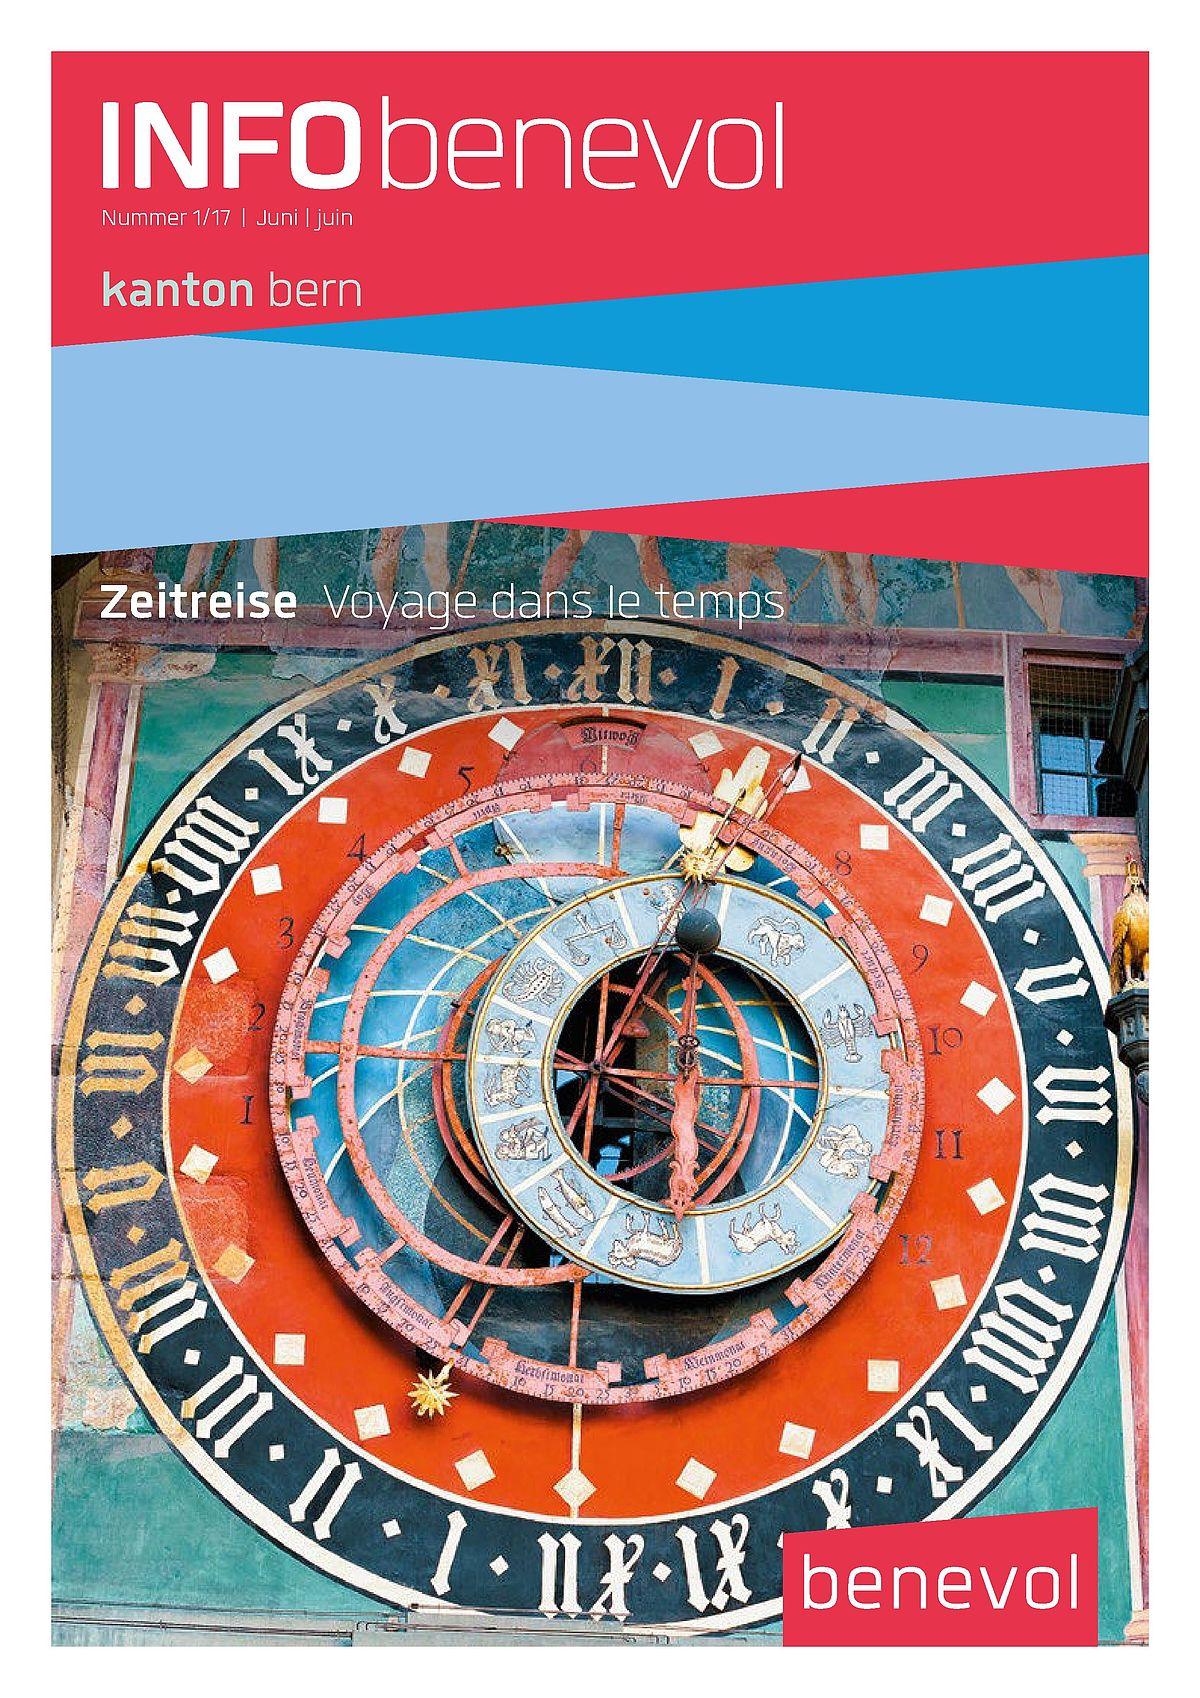 Zeitreise voyage dans le temps infobenevol juni 2017 benevol - Anastasia voyage dans le temps ...